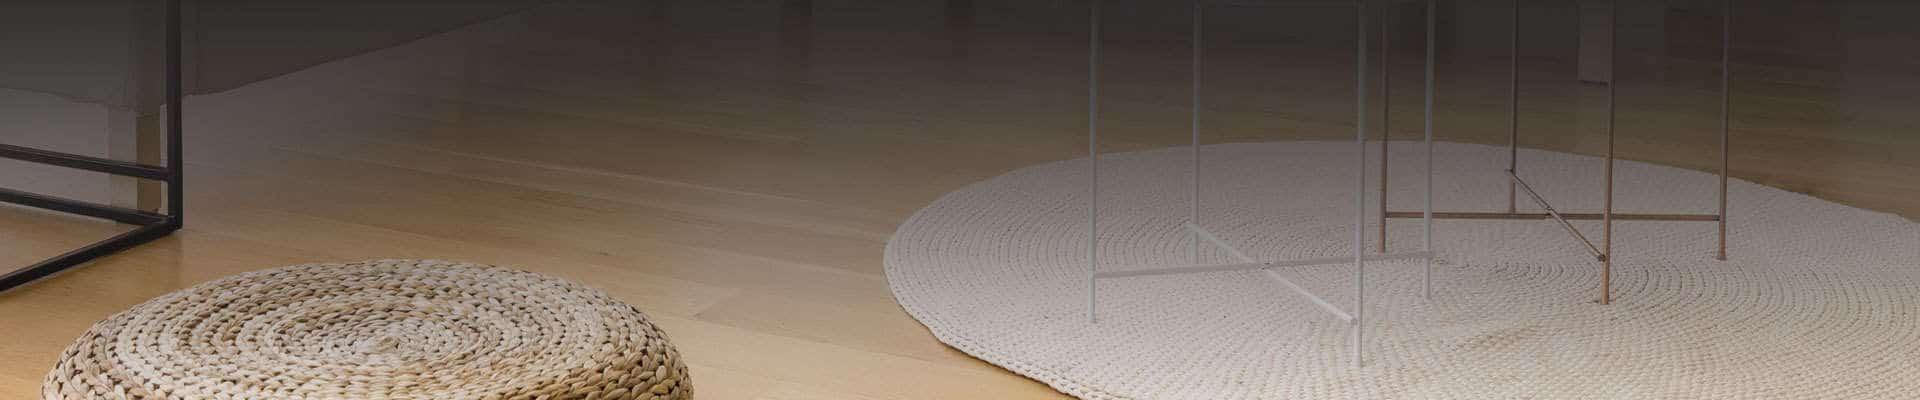 שטיחים במידות מיוחדות